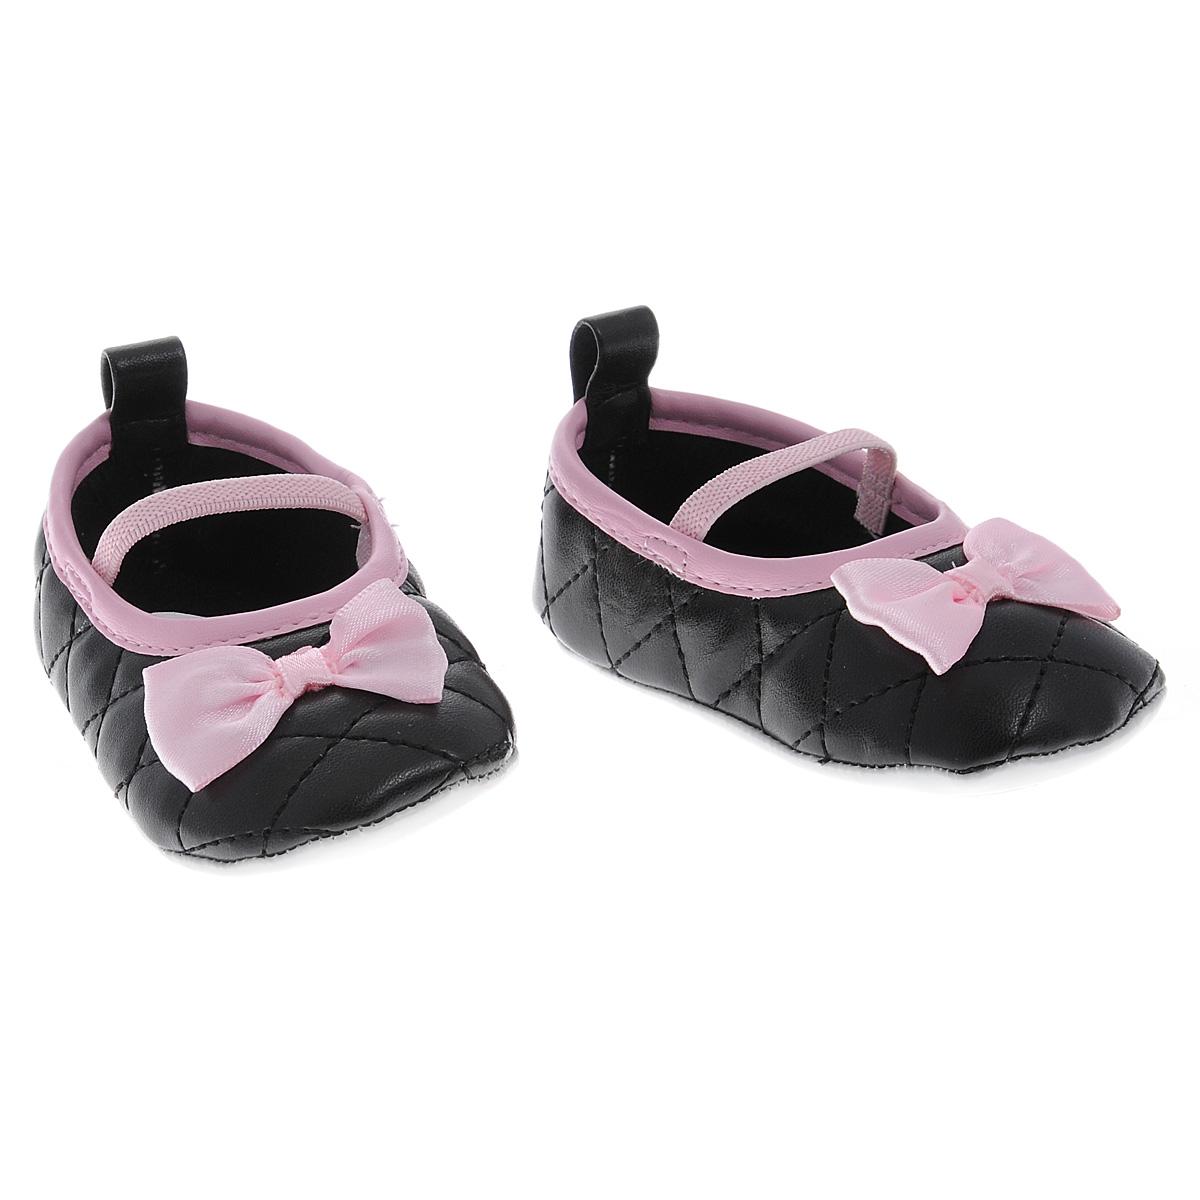 Пинетки для девочки Luvable Friends Стеганые балетки Мэри, цвет: черный. 11165. Размер 0/6мес11165Оригинальные детские пинетки для девочки Luvable Friends, стилизованные под классические балетные туфли Мэри Джей - это легкая и удобная обувь для малышей. Удобная эластичная резинка-перемычка, надежно фиксирующая пинетки на ножке малышки, мягкие, не сдавливающие ножку материалы делают модель практичной и популярной. Стопа оформлена прорезиненным рельефным рисунком, благодаря которому ребенок не будет скользить.Мягкие, стеганные, украшенные отделкой из кантика и атласного банта, пинетки украсят гардероб маленькой модницы!